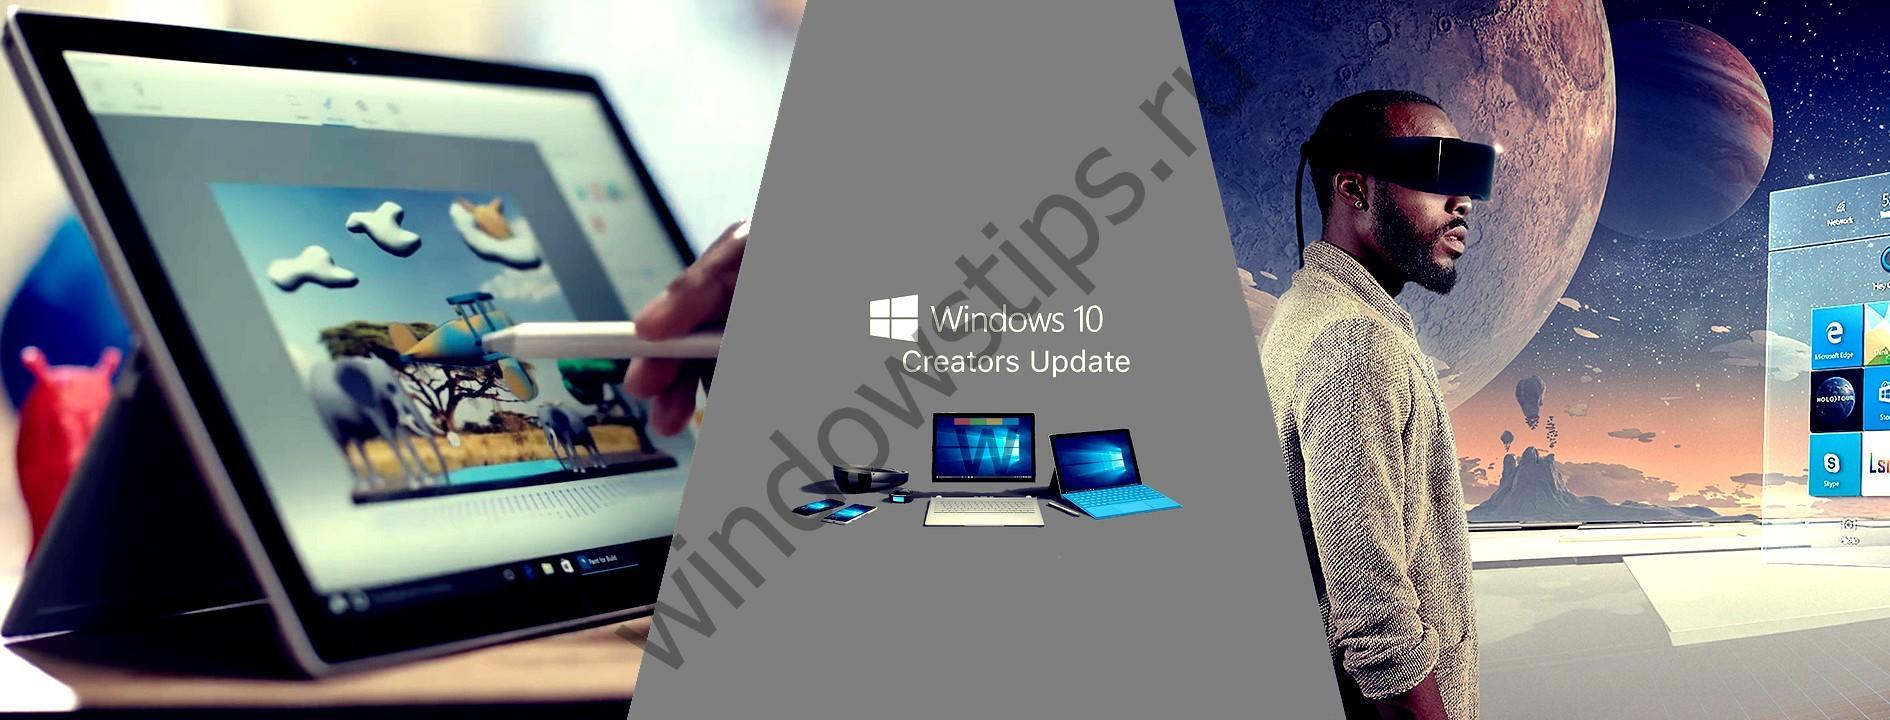 Windows 10 Creators Update версия 1703: обзор новых функций